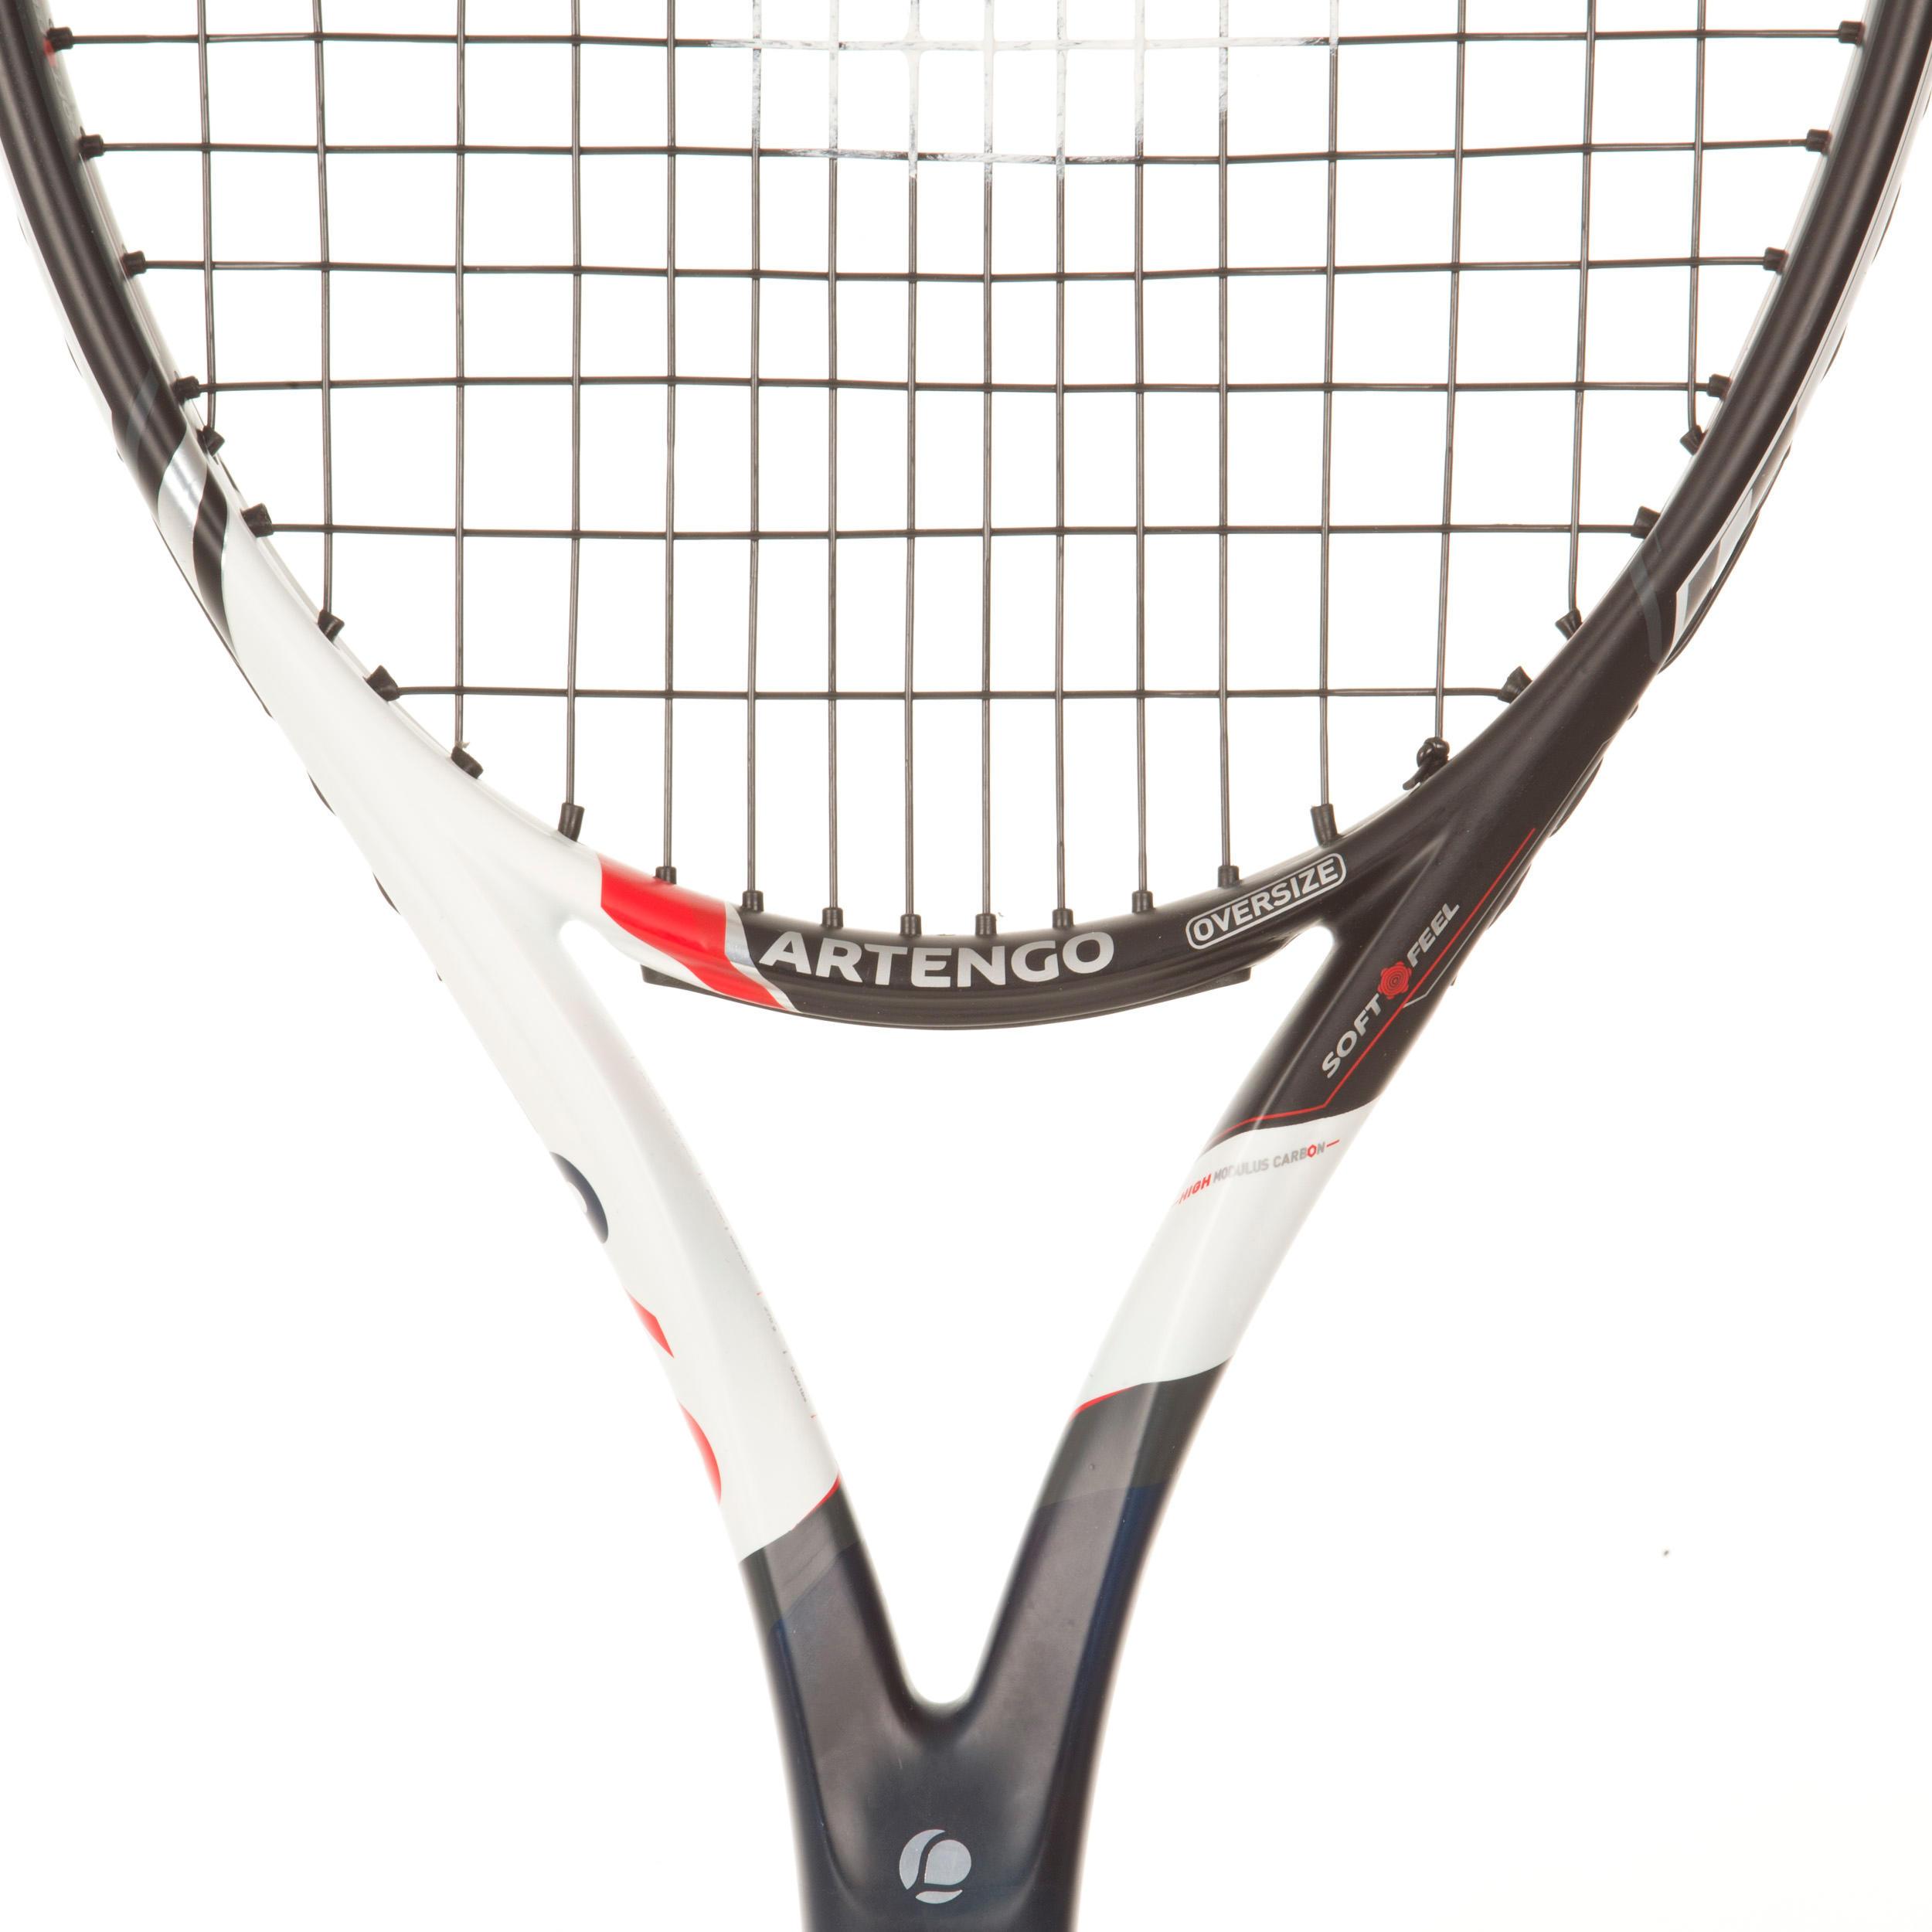 Tennis Racket Intermediate - TR 560 Oversize